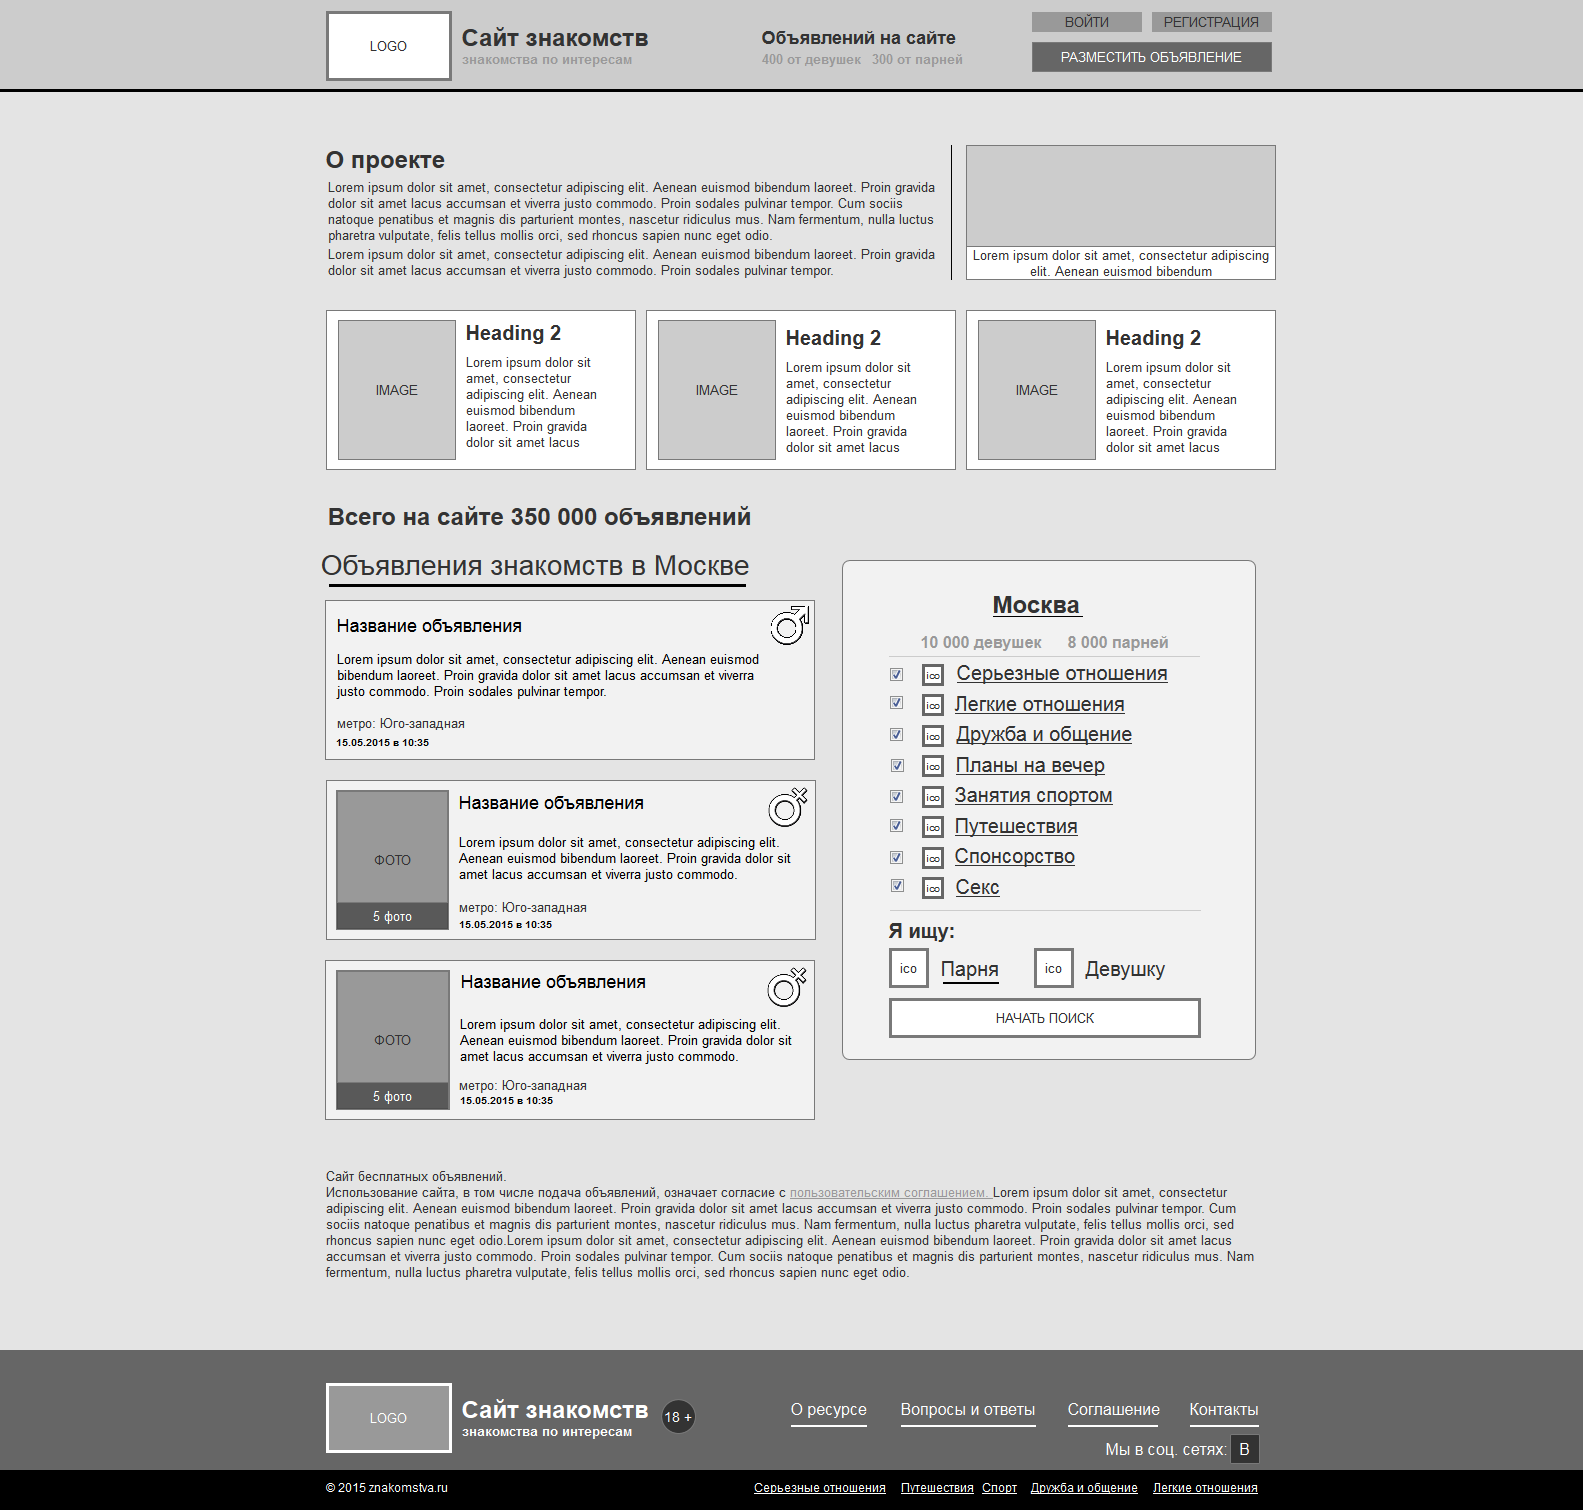 Разработка полного прототипа по прототипу мобильной версии сайта знакомств